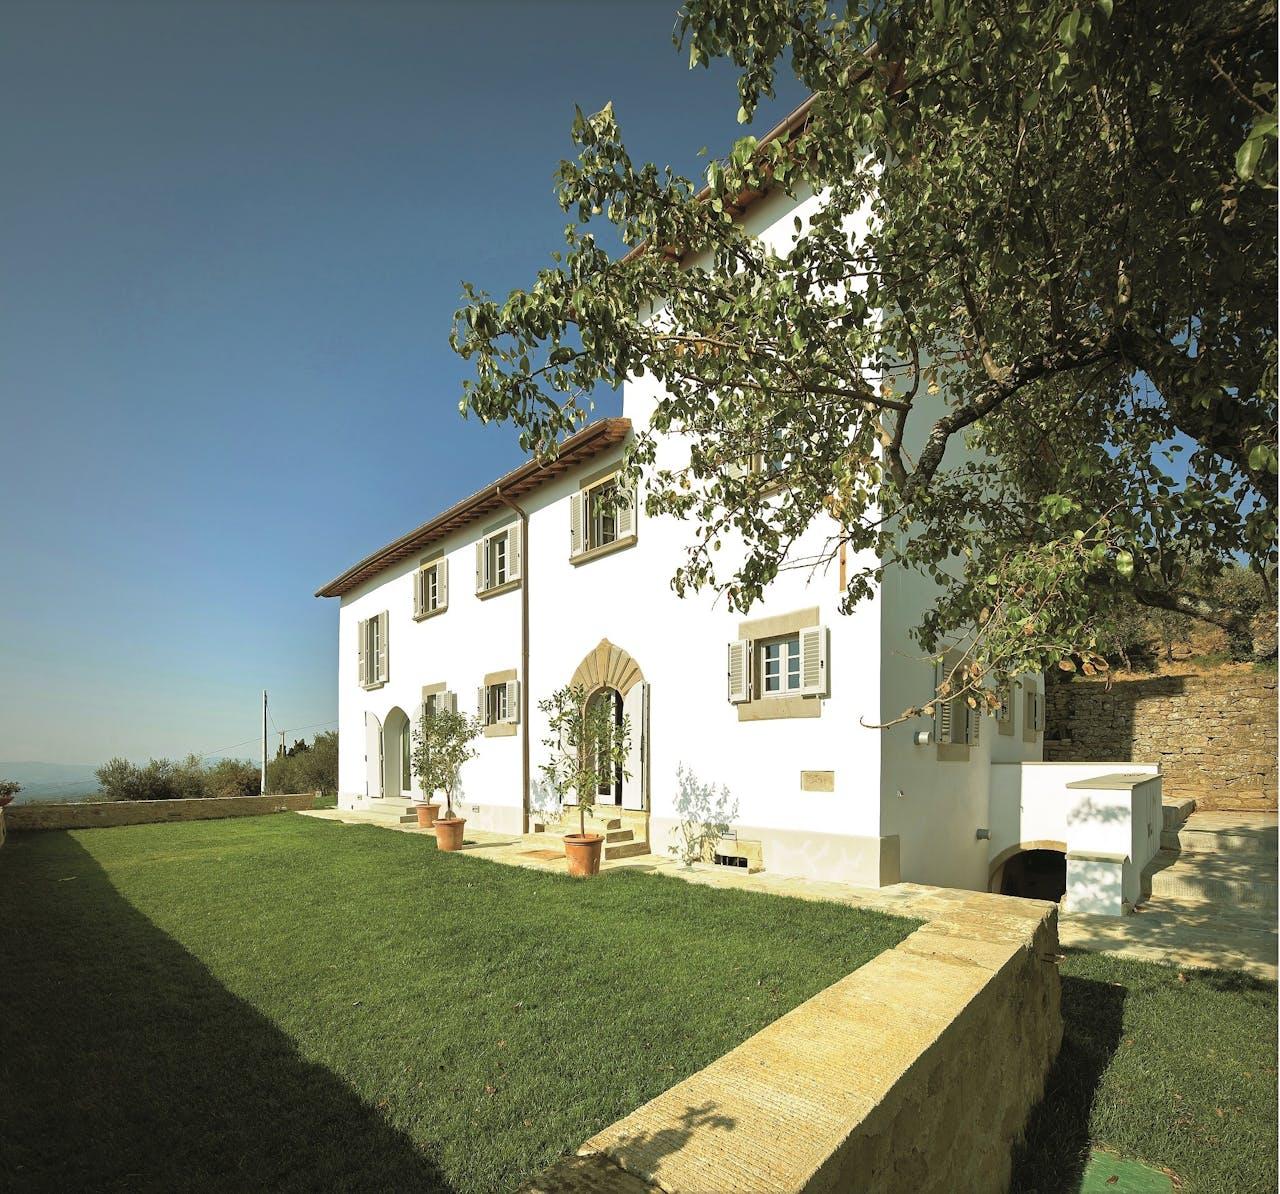 De villa van de familie Junggeburt, in Pian di Scò, heeft overal dubbele beglazing.